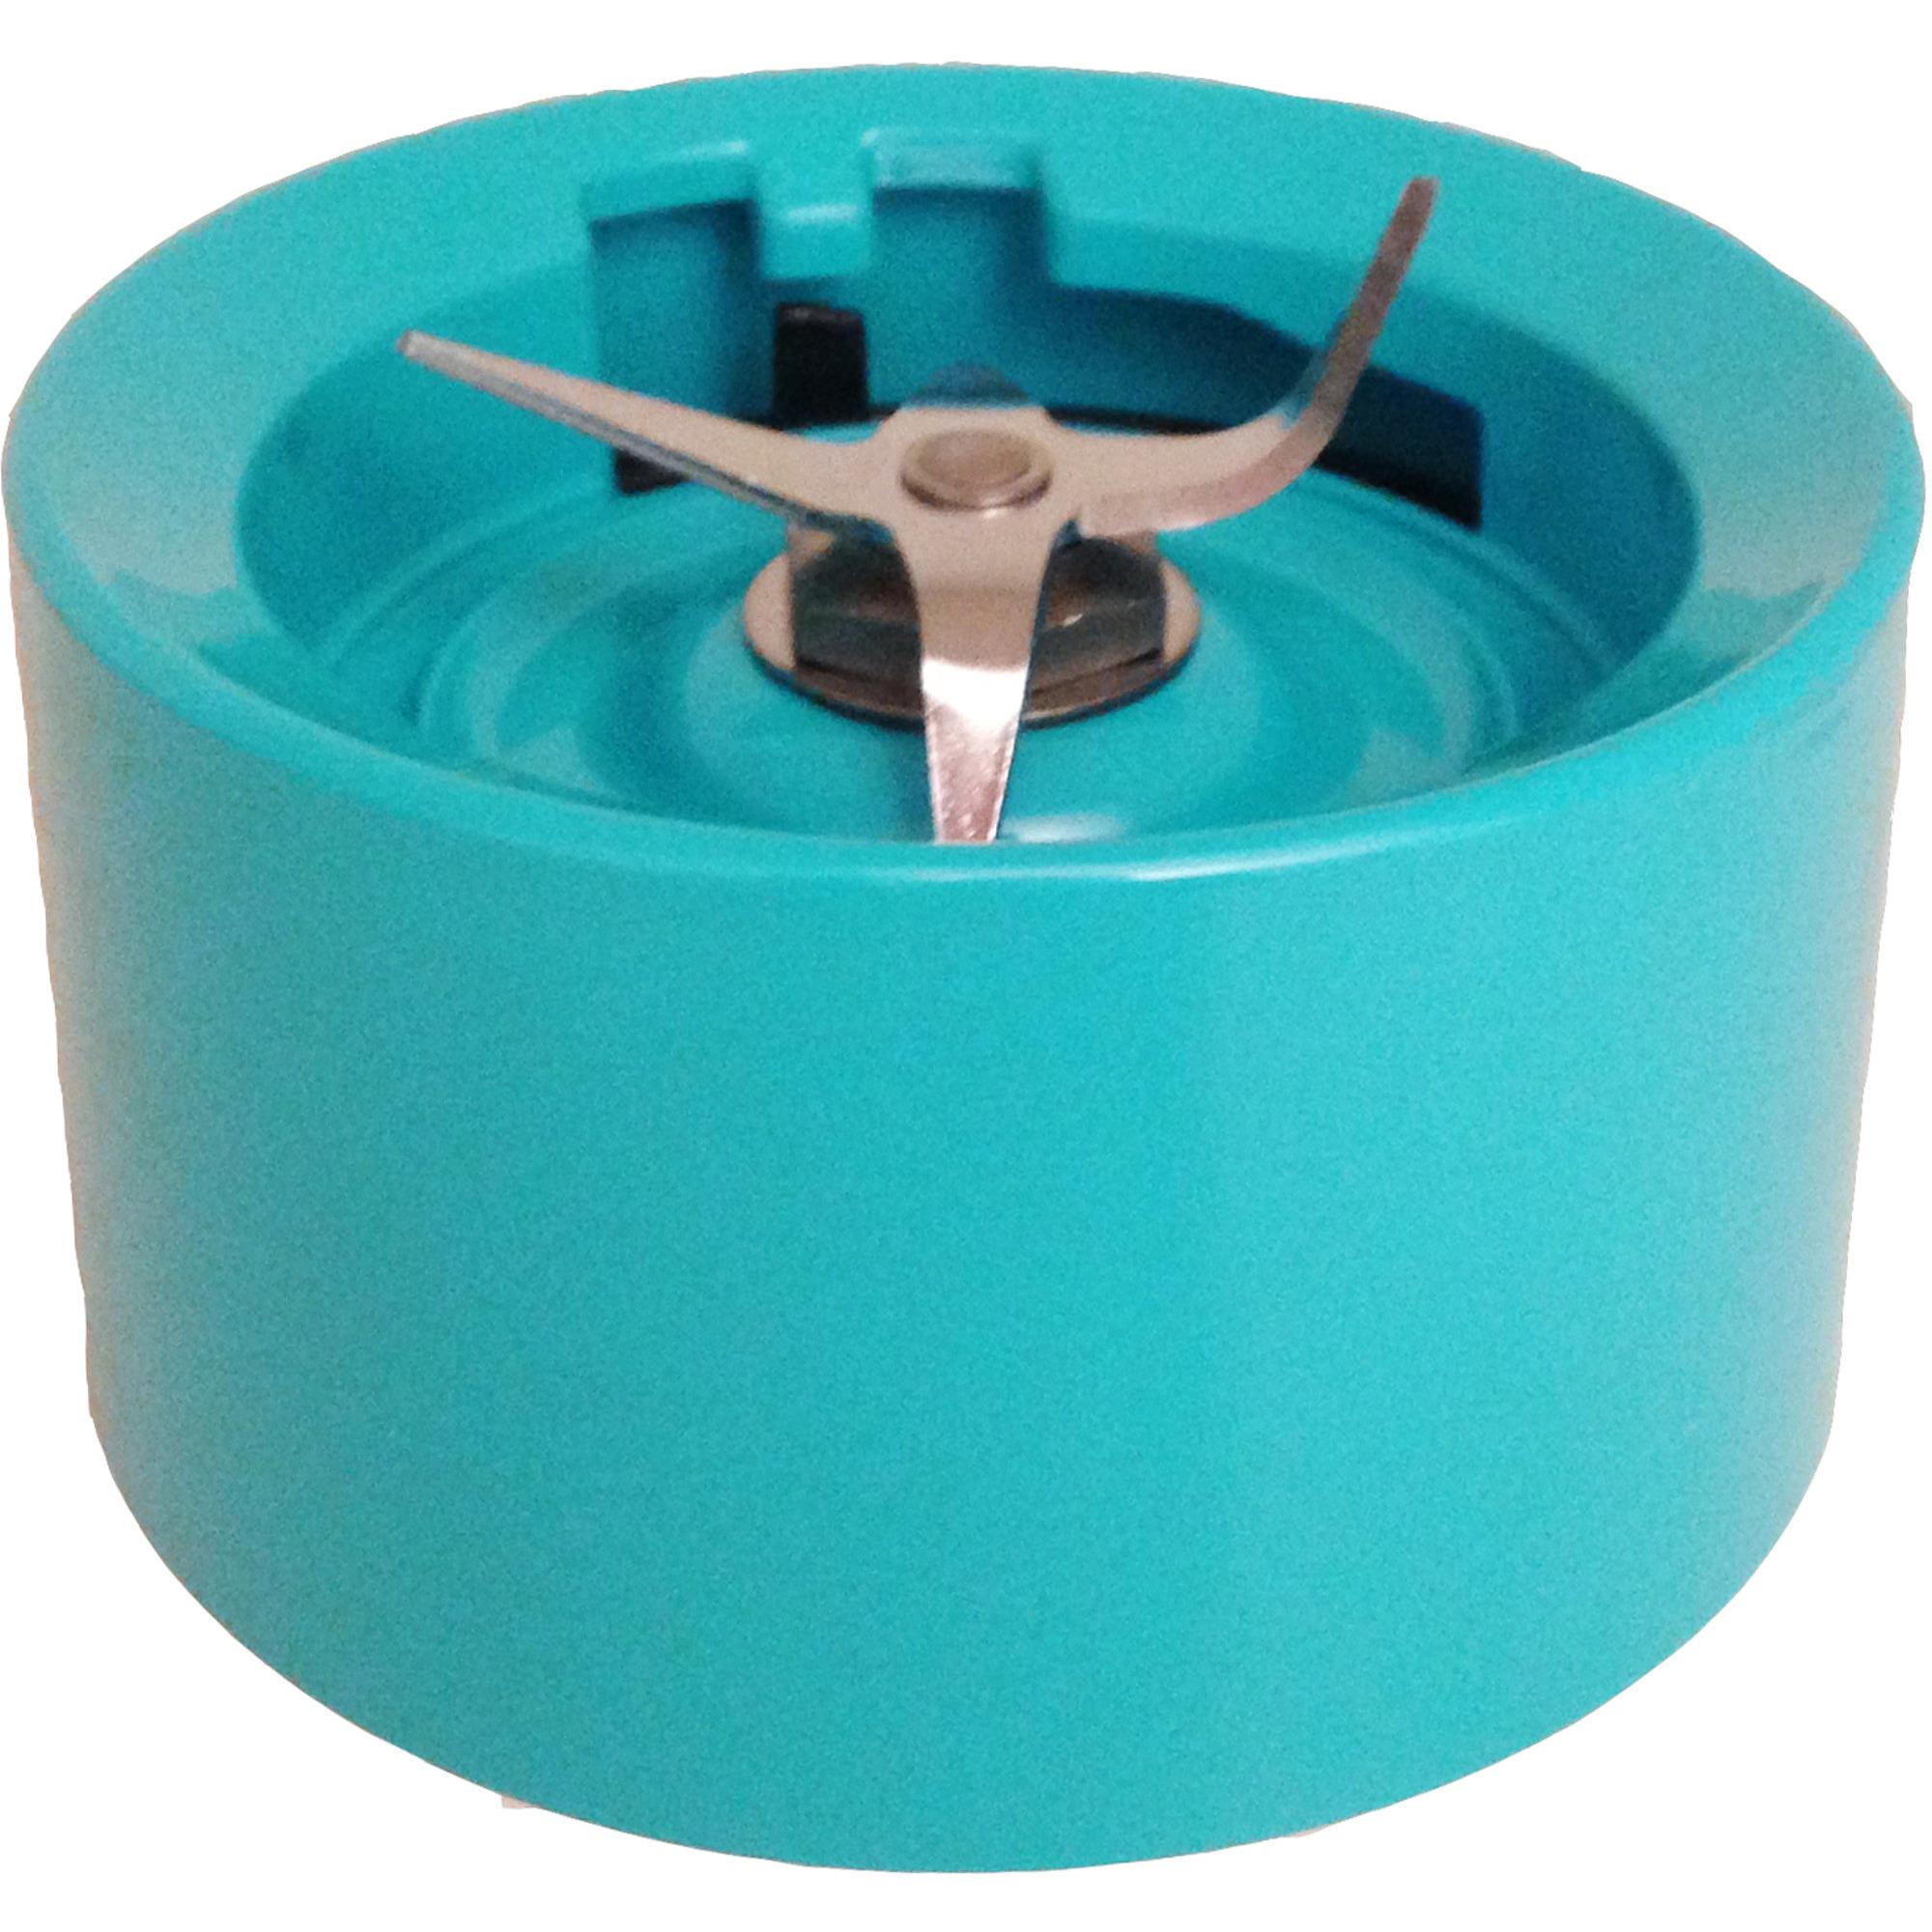 KitchenAid Plastkrage med knivar till Mixer 5KSB555 Crystal Blue